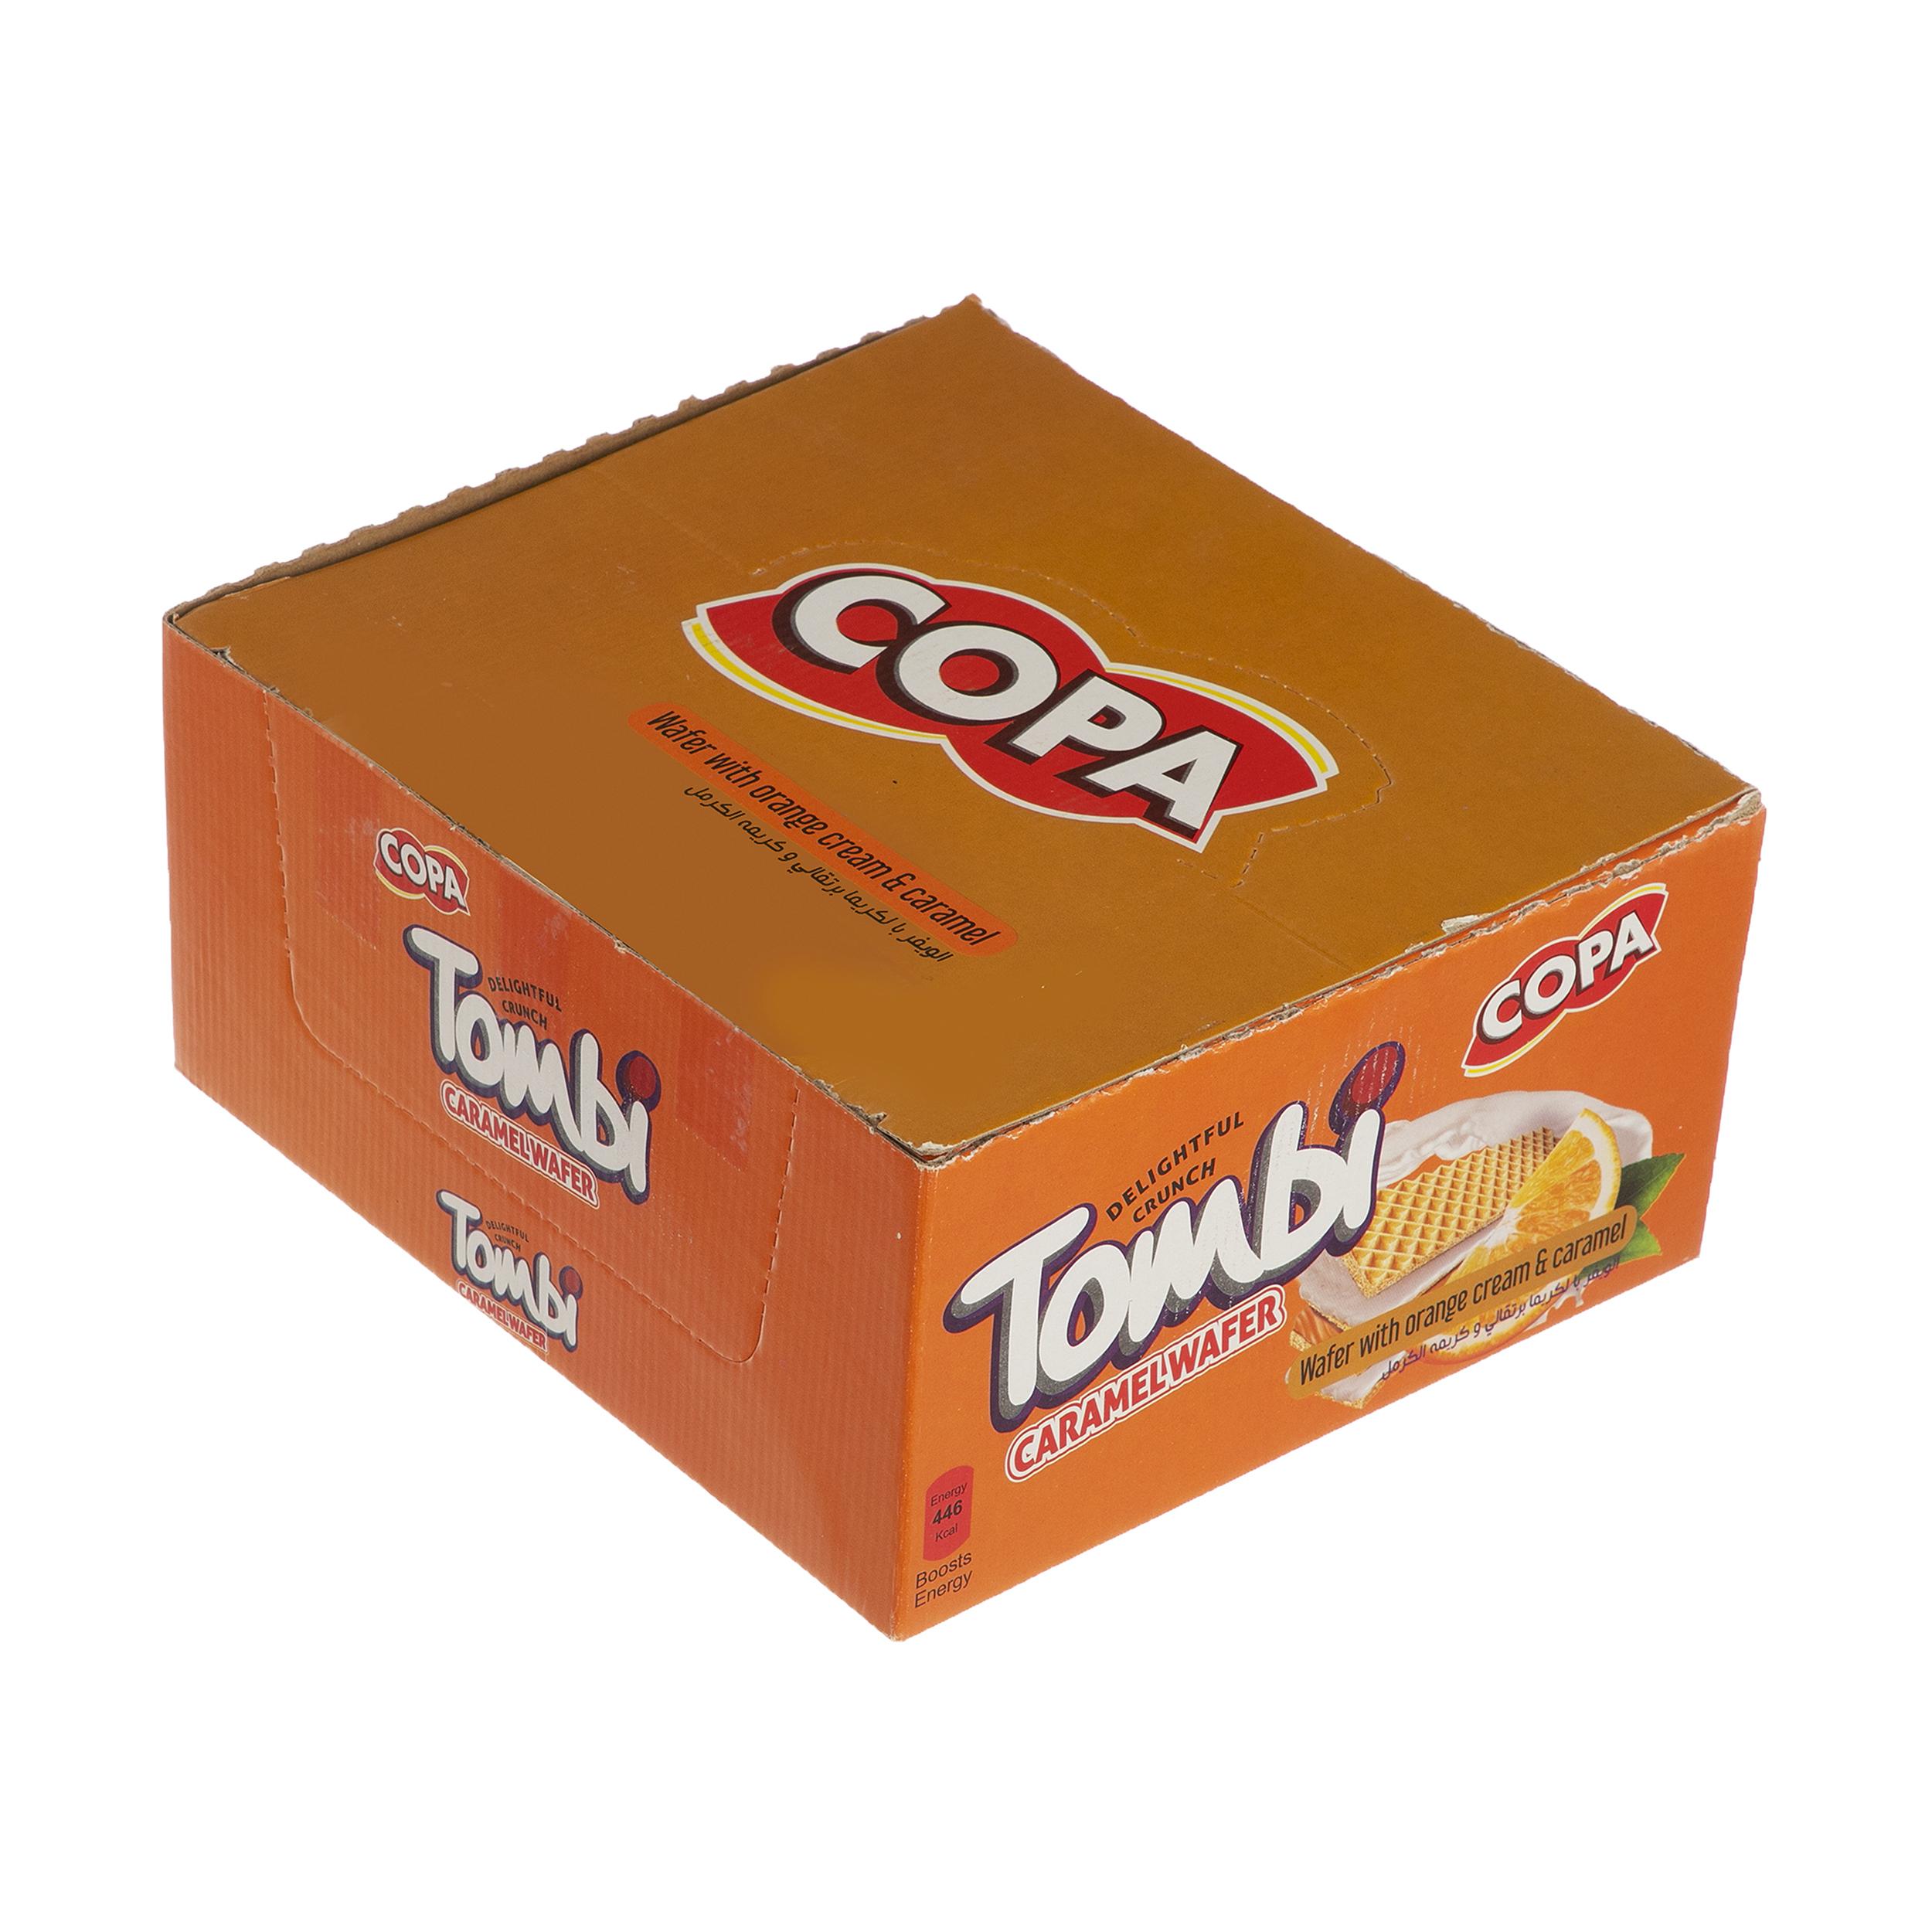 ویفر تامبی کوپا با طعم پرتقال - 18 گرم بسته 30 عددی